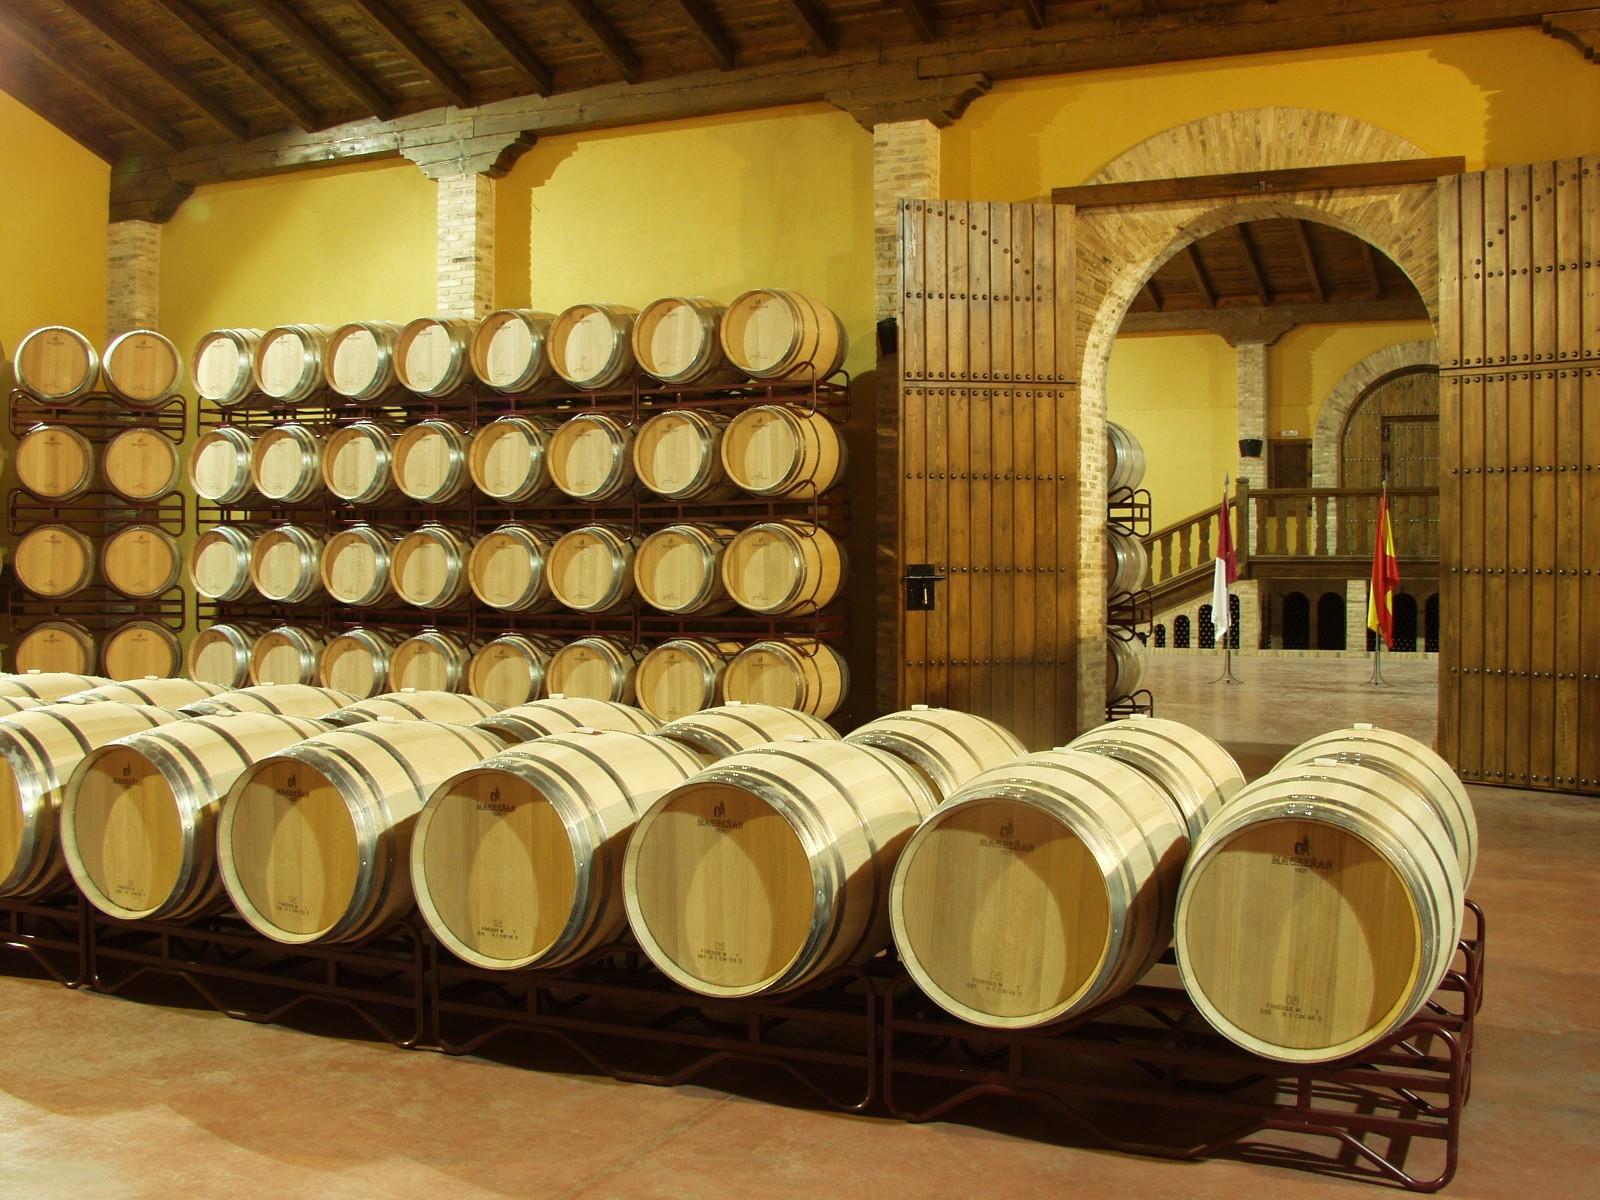 Un Joven de 20 años llamado Juan maydana inaugurará una bodega de vino